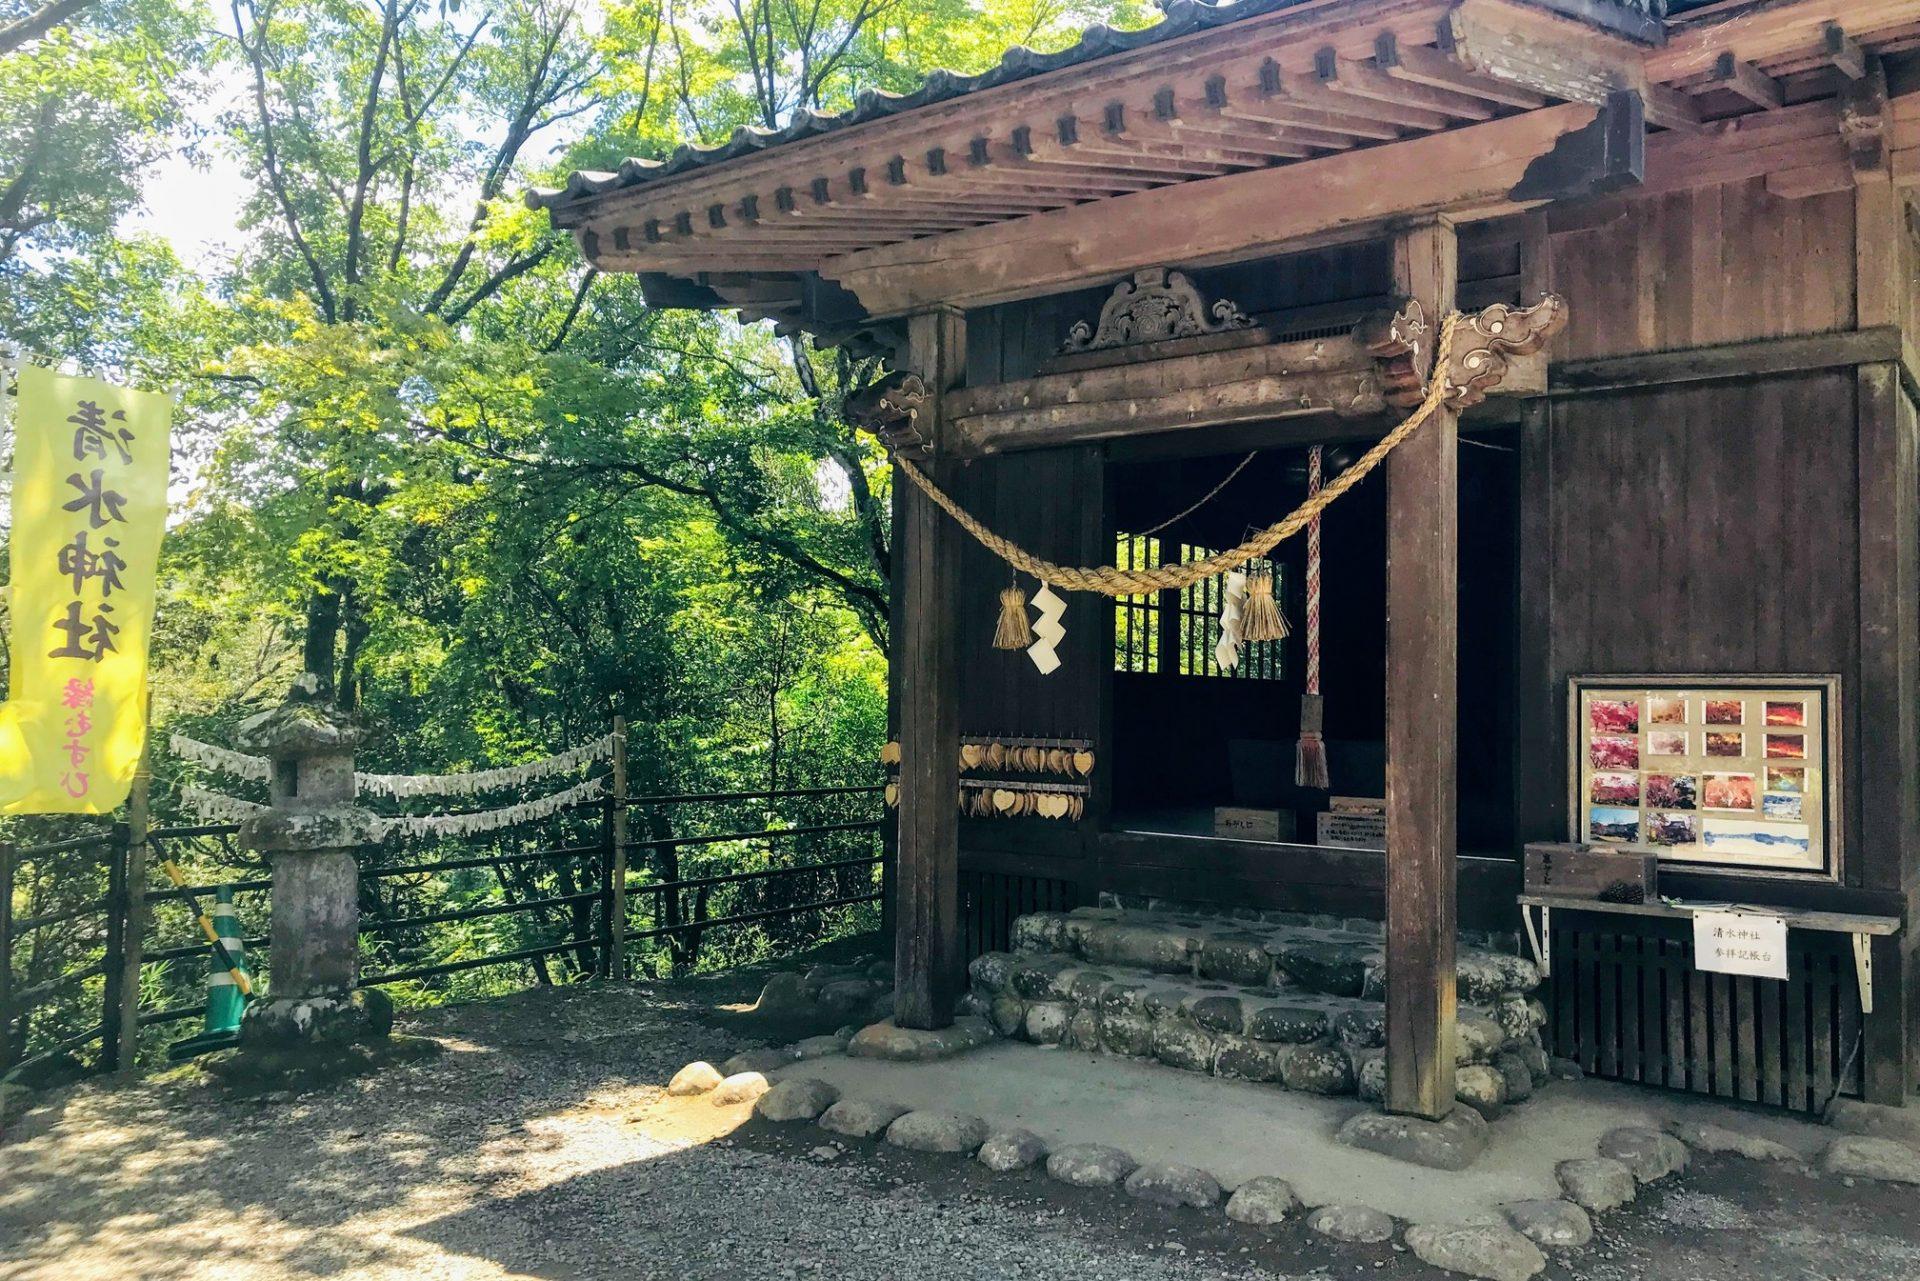 白蓮 石碑 曽木の滝公園 清水神社 東洋のナイアガラ 曽木の滝 伊佐市 川内川 曽木の滝公園